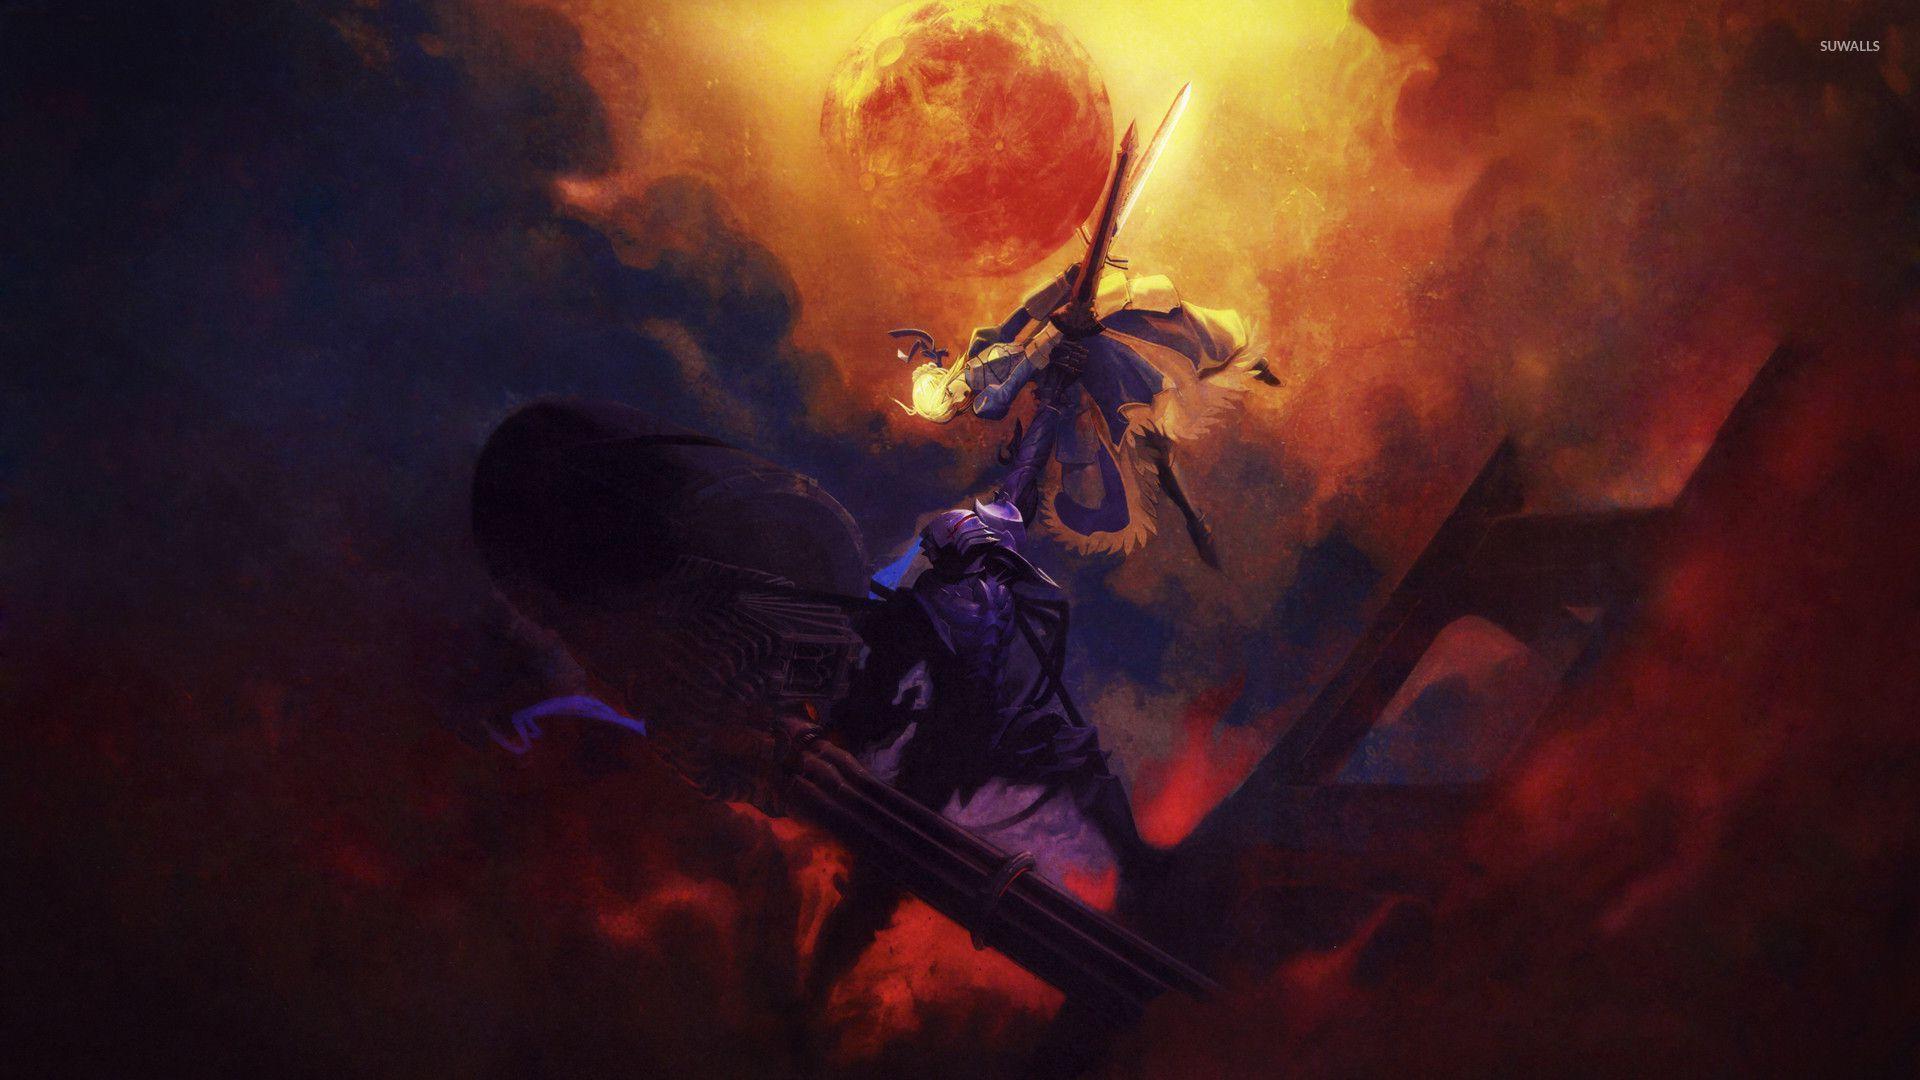 Fate Zero HD wallpapers 1920x1080